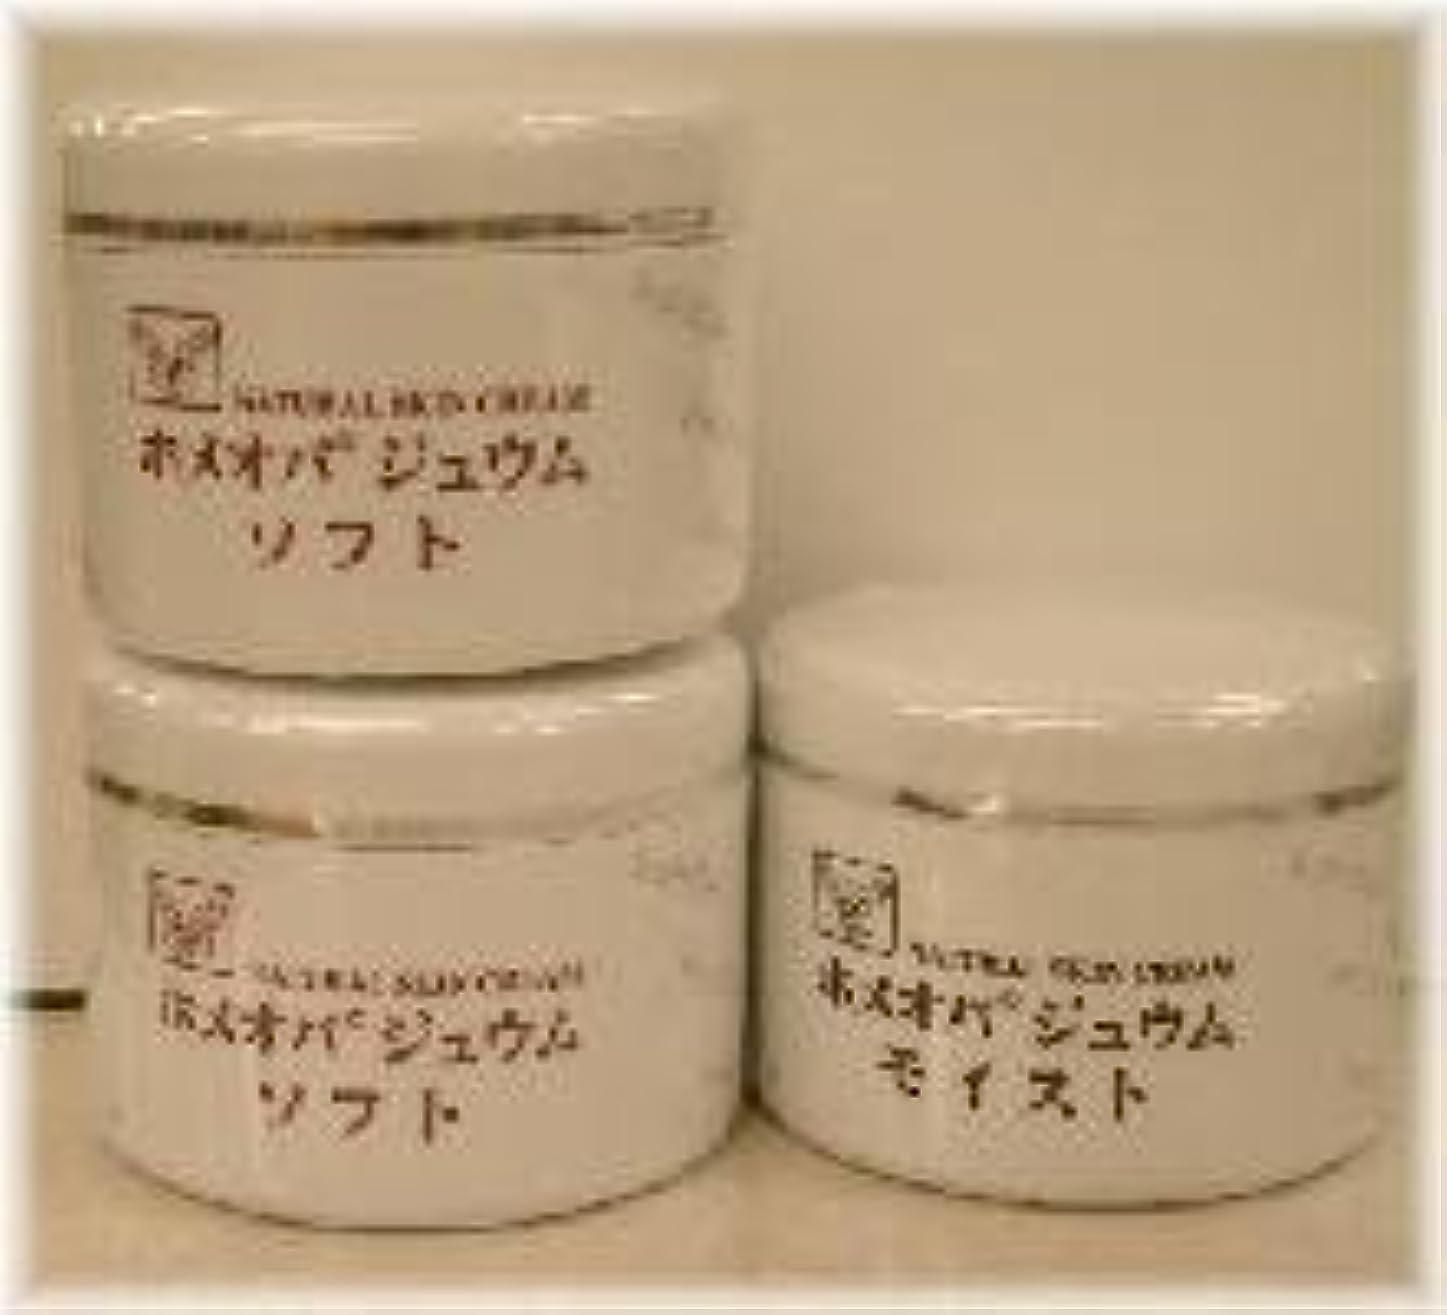 競争力のある不幸読み書きのできないホメオパジュウム スキンケア商品3点 ¥10500クリームソフト2個+クリームモイスト